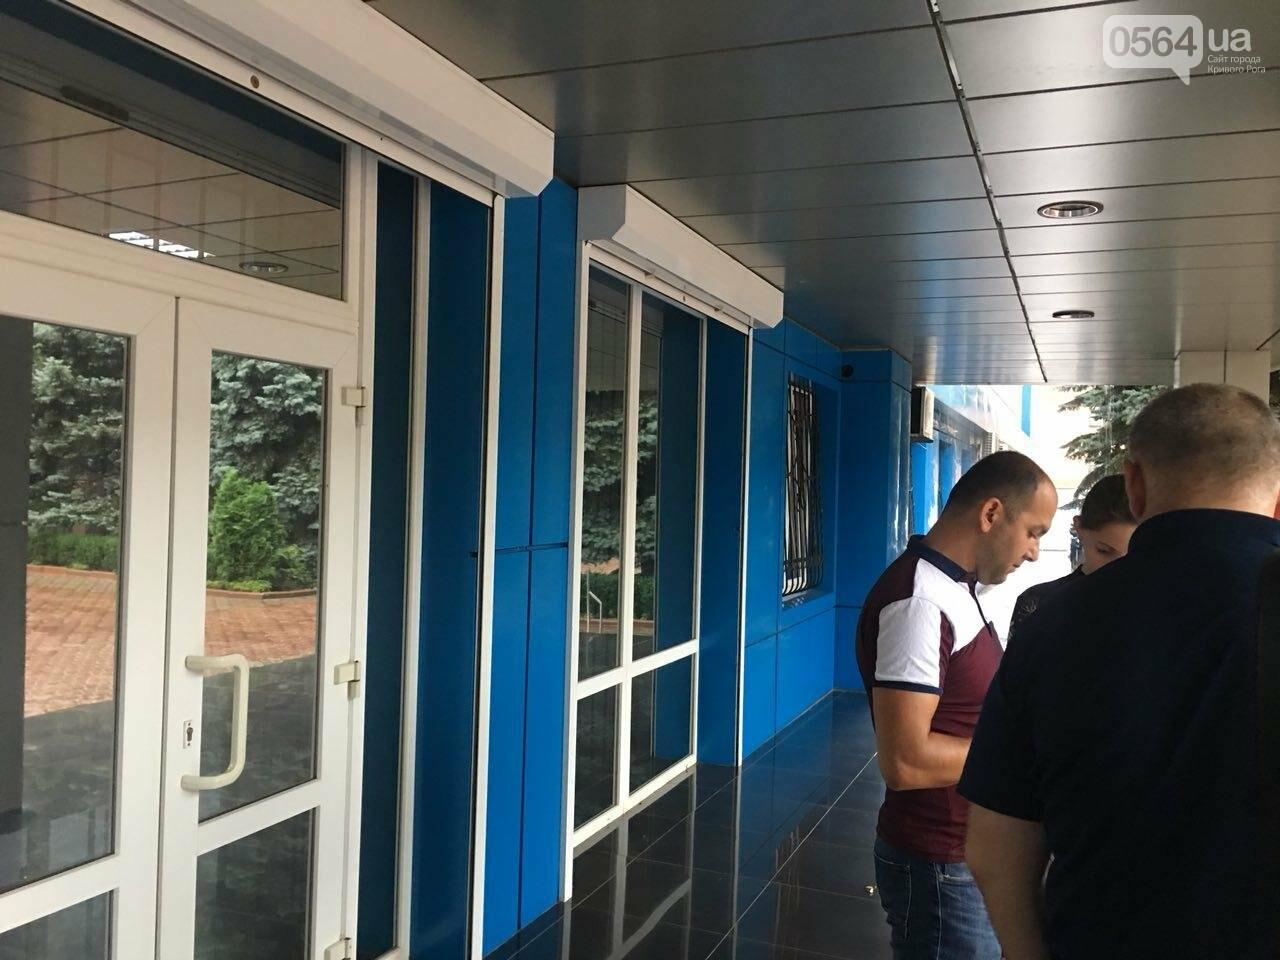 В Кривом Роге представители азербайджанской диаспоры требуют расследования нападений на их дома, - ФОТО , фото-1